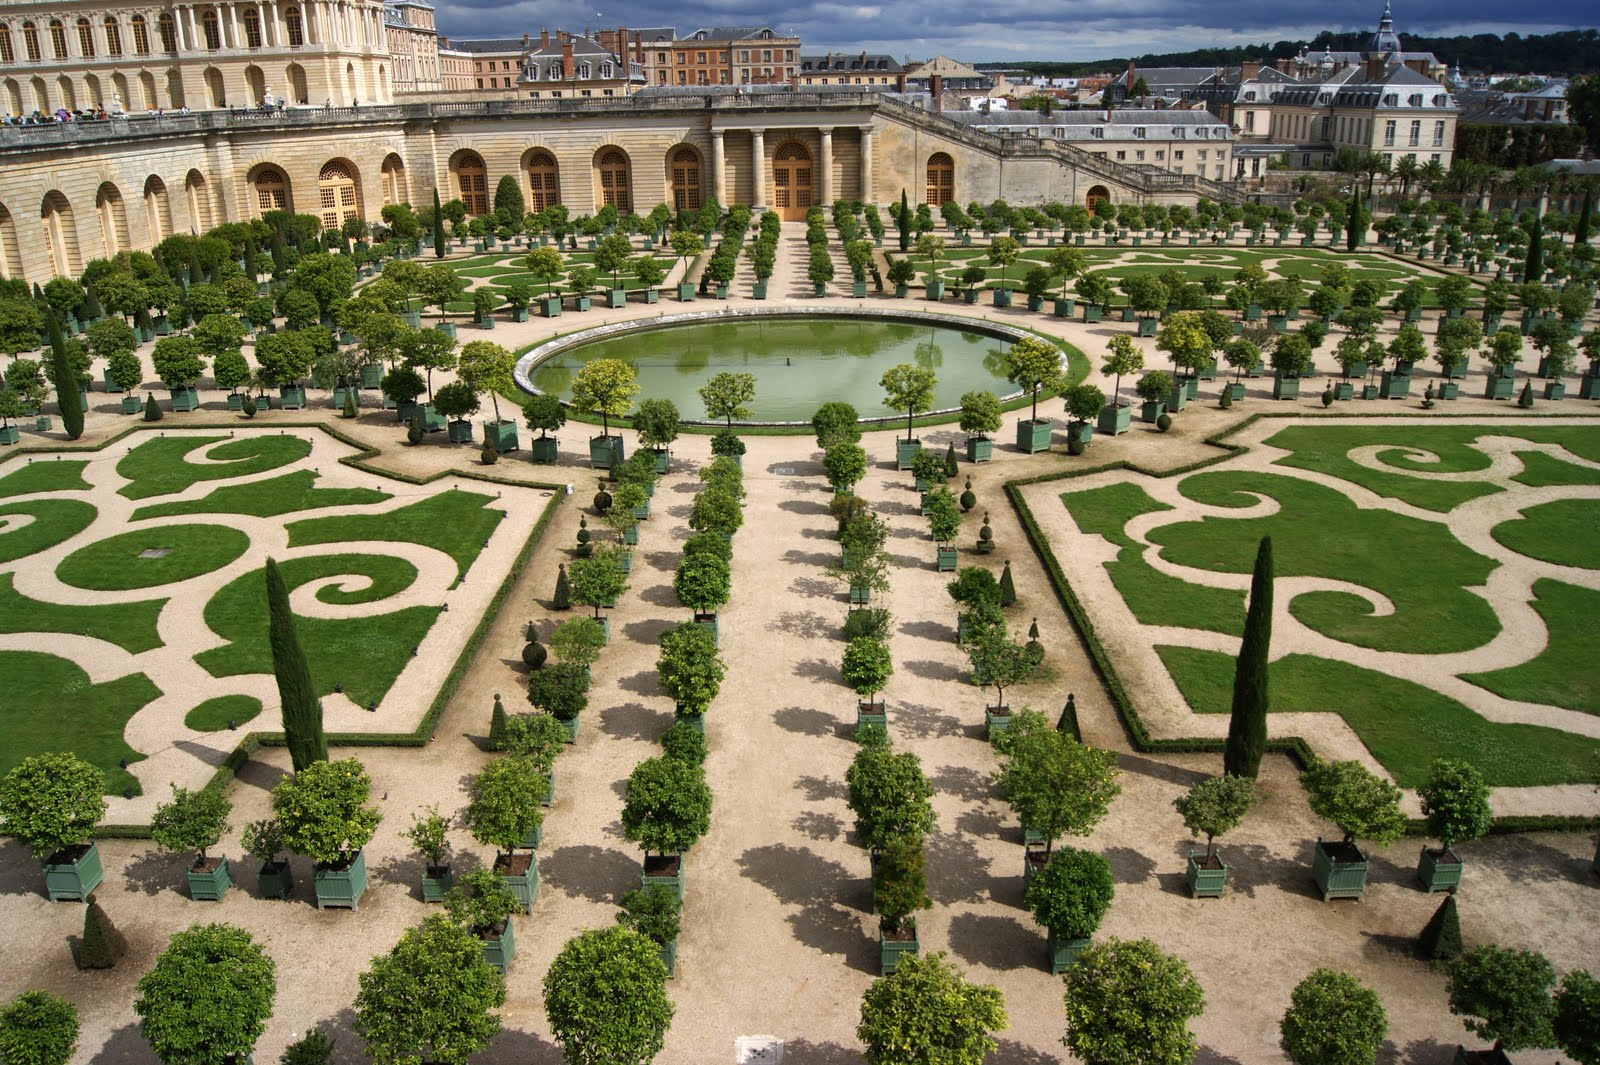 Los 10 jardines m s hermosos del mundo expertos en for Jardines eliseos